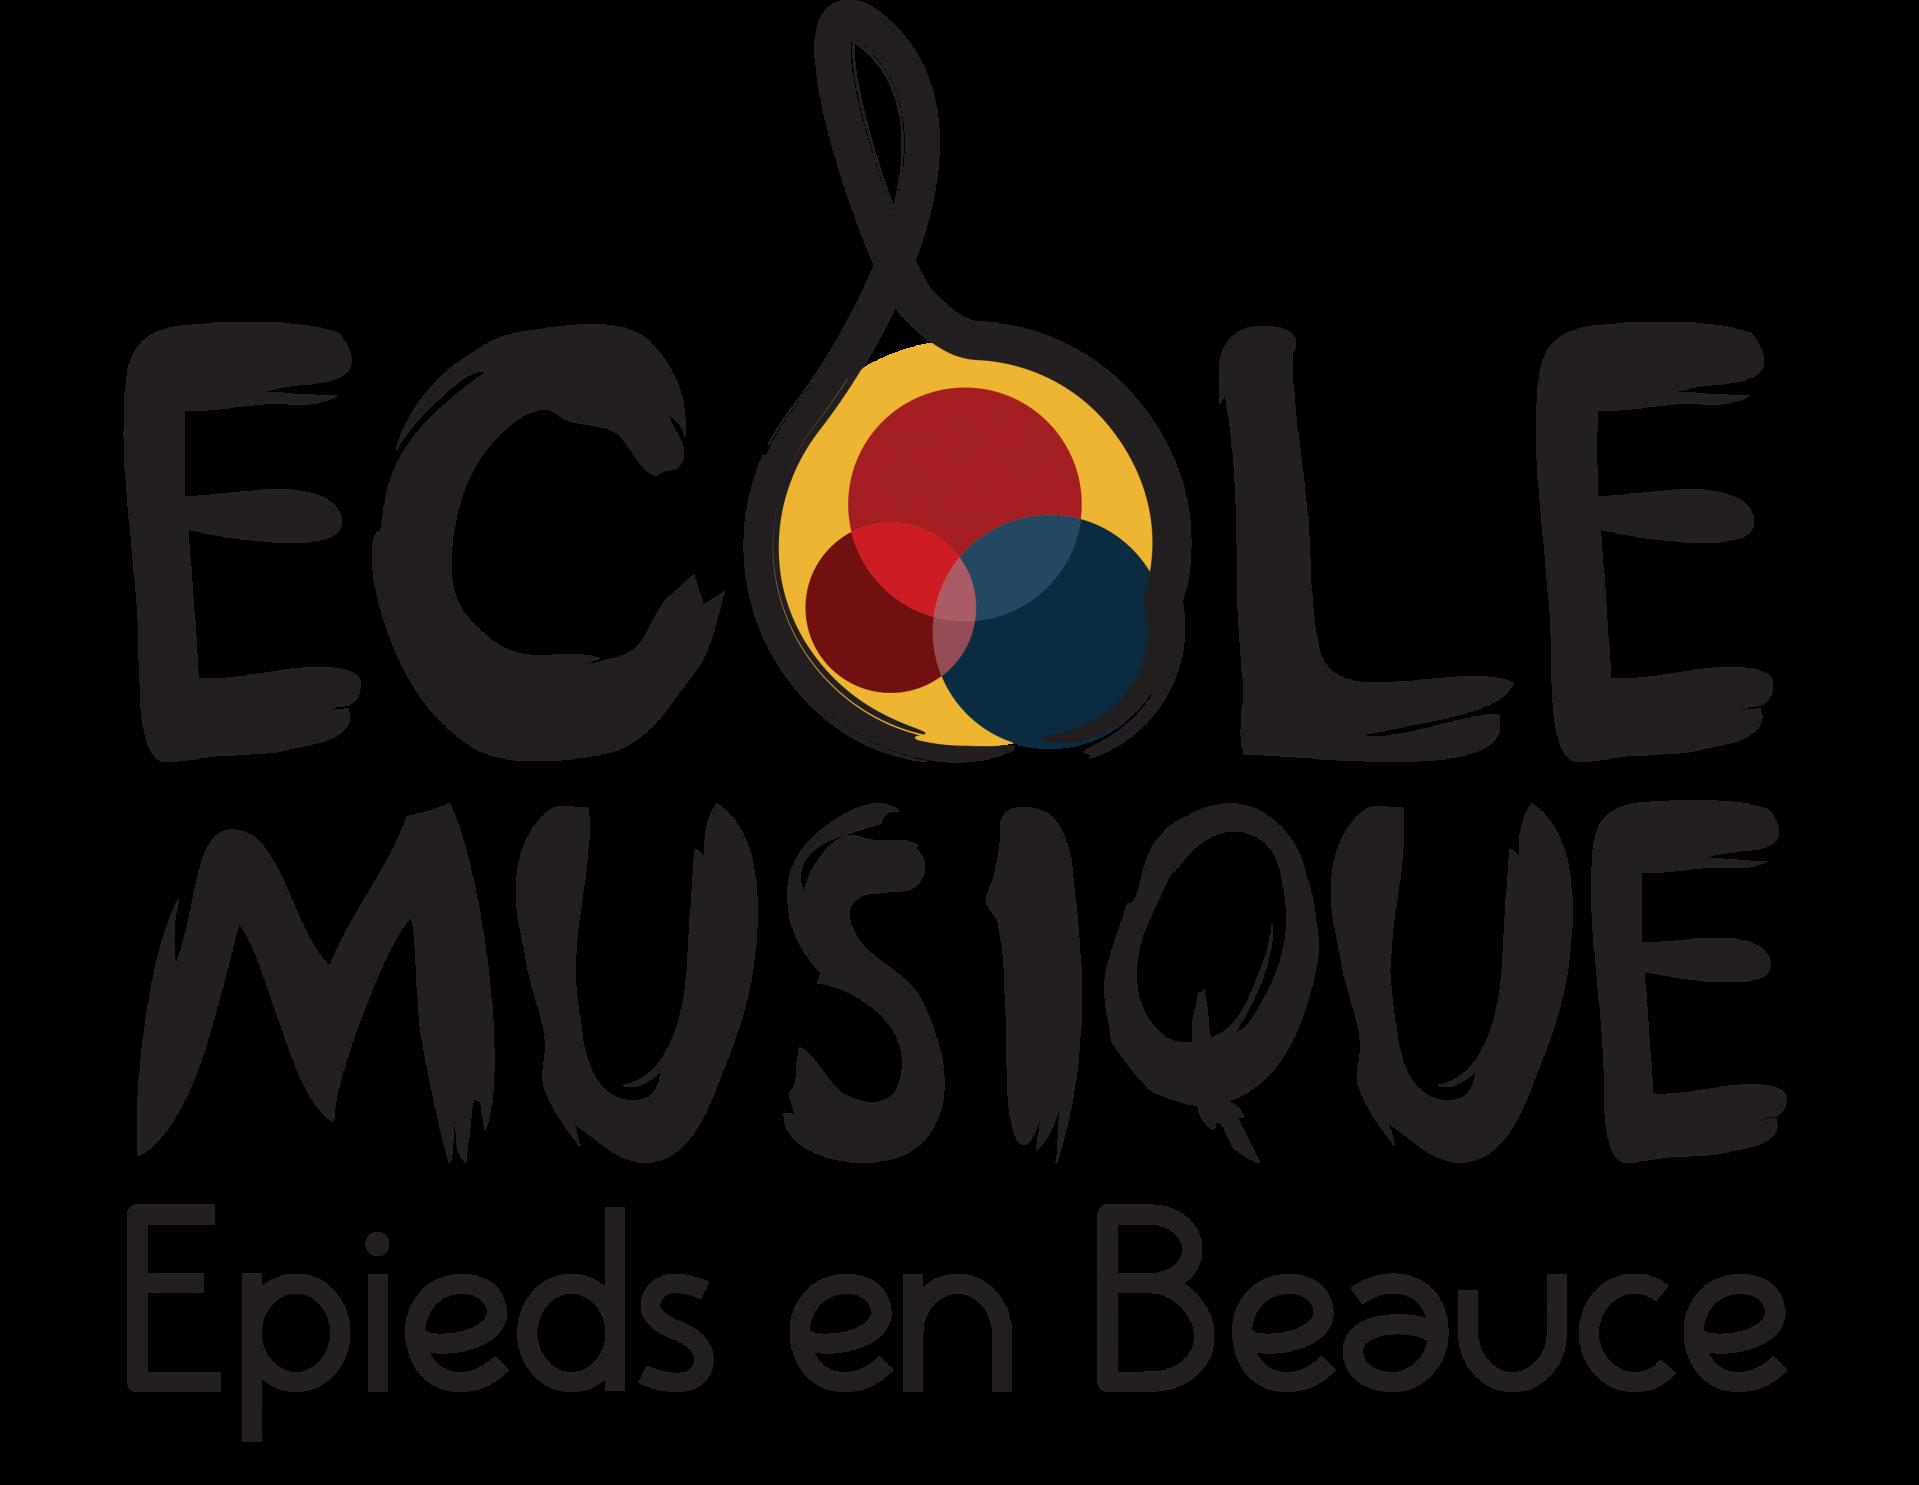 Logo emeb